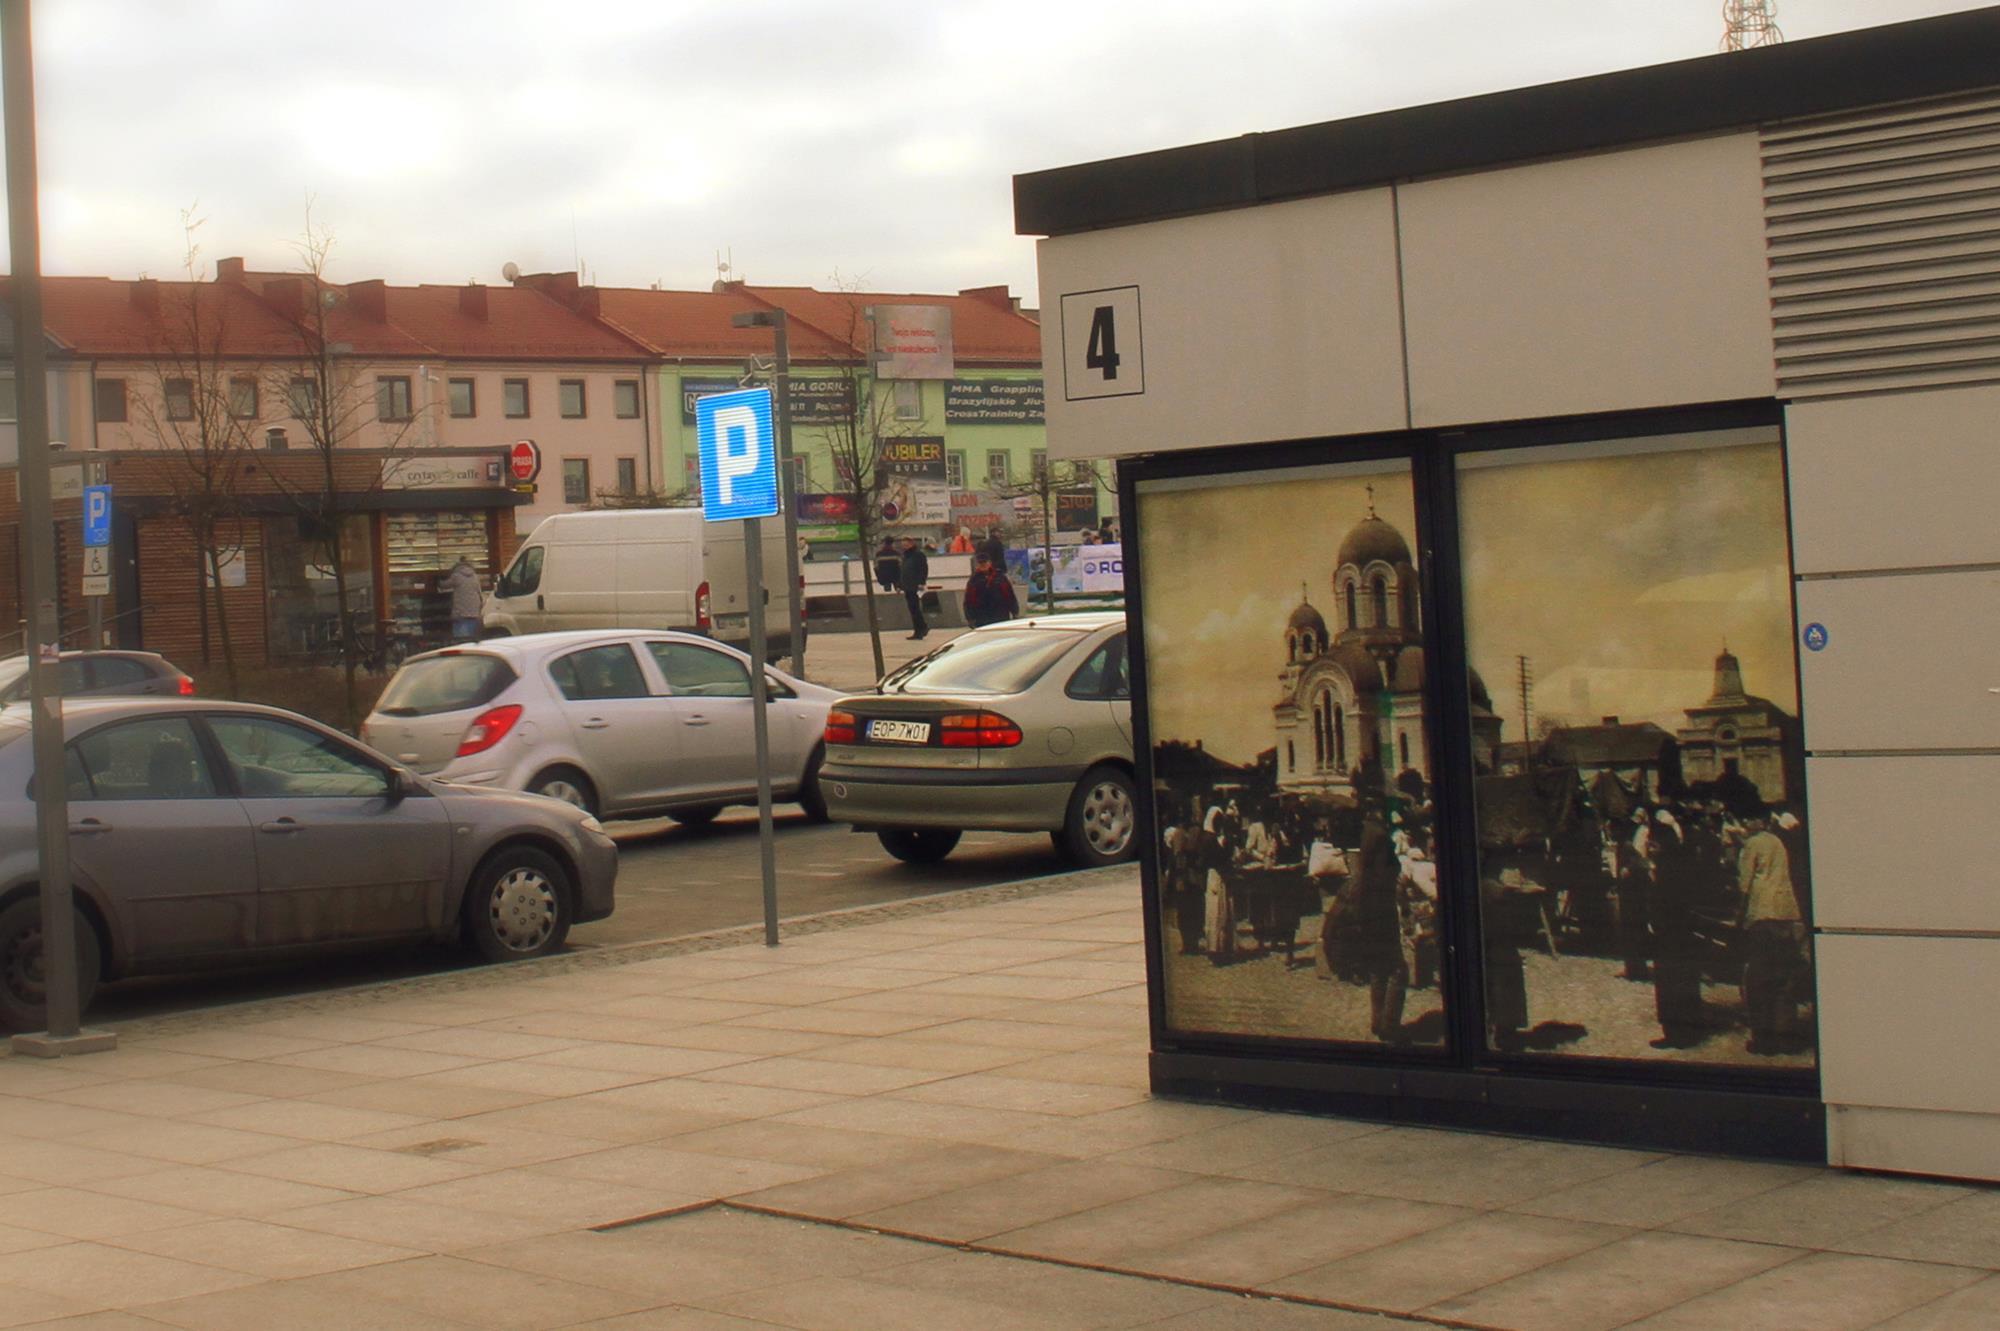 Plac kościuszki